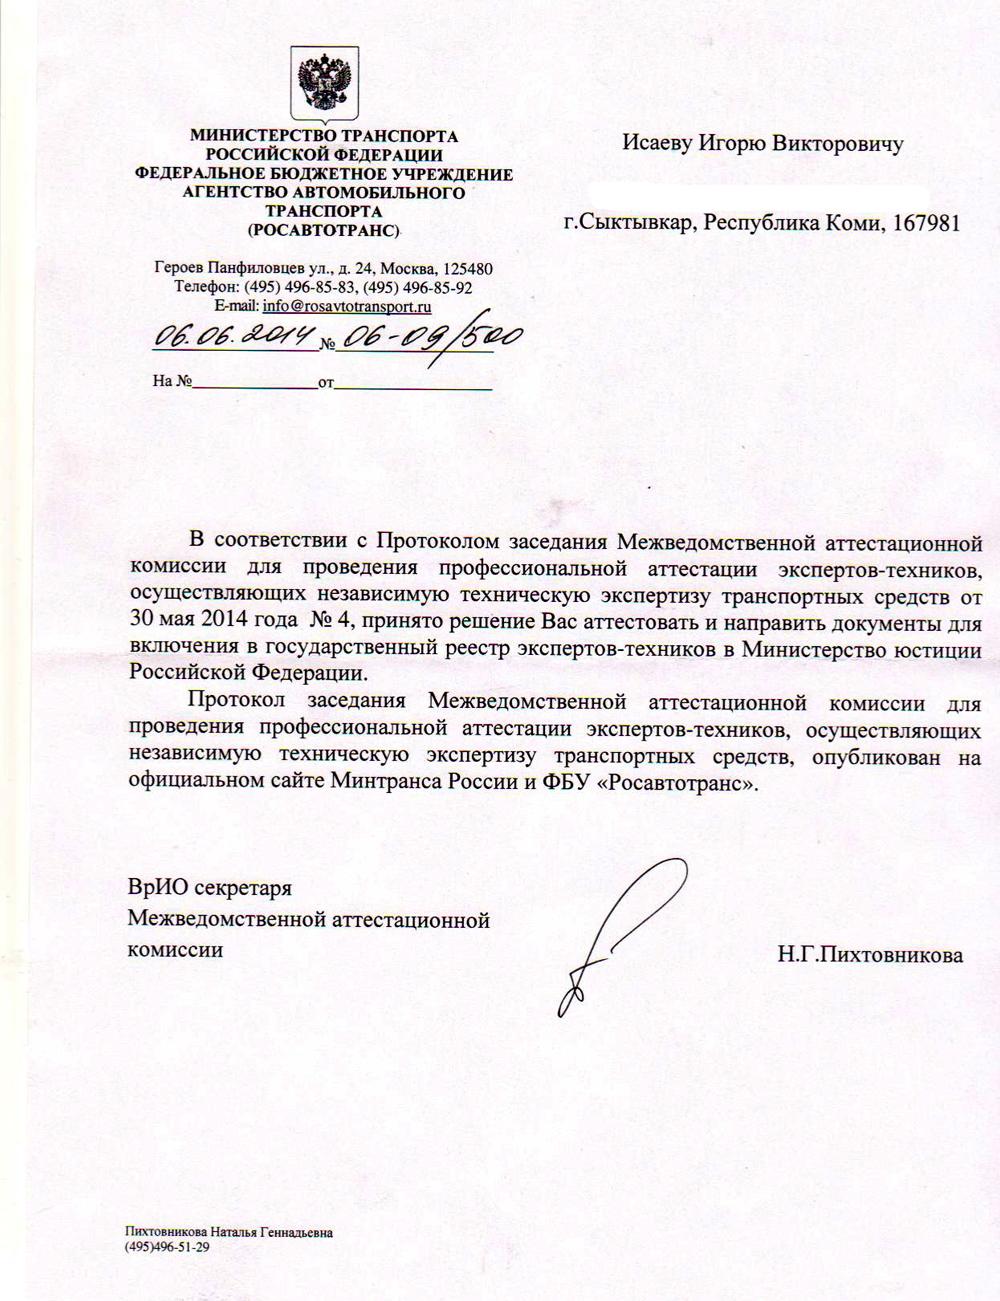 Аттестация_РОСАВТОТРАНС_от 30.05.2014г_протокол №4_решение